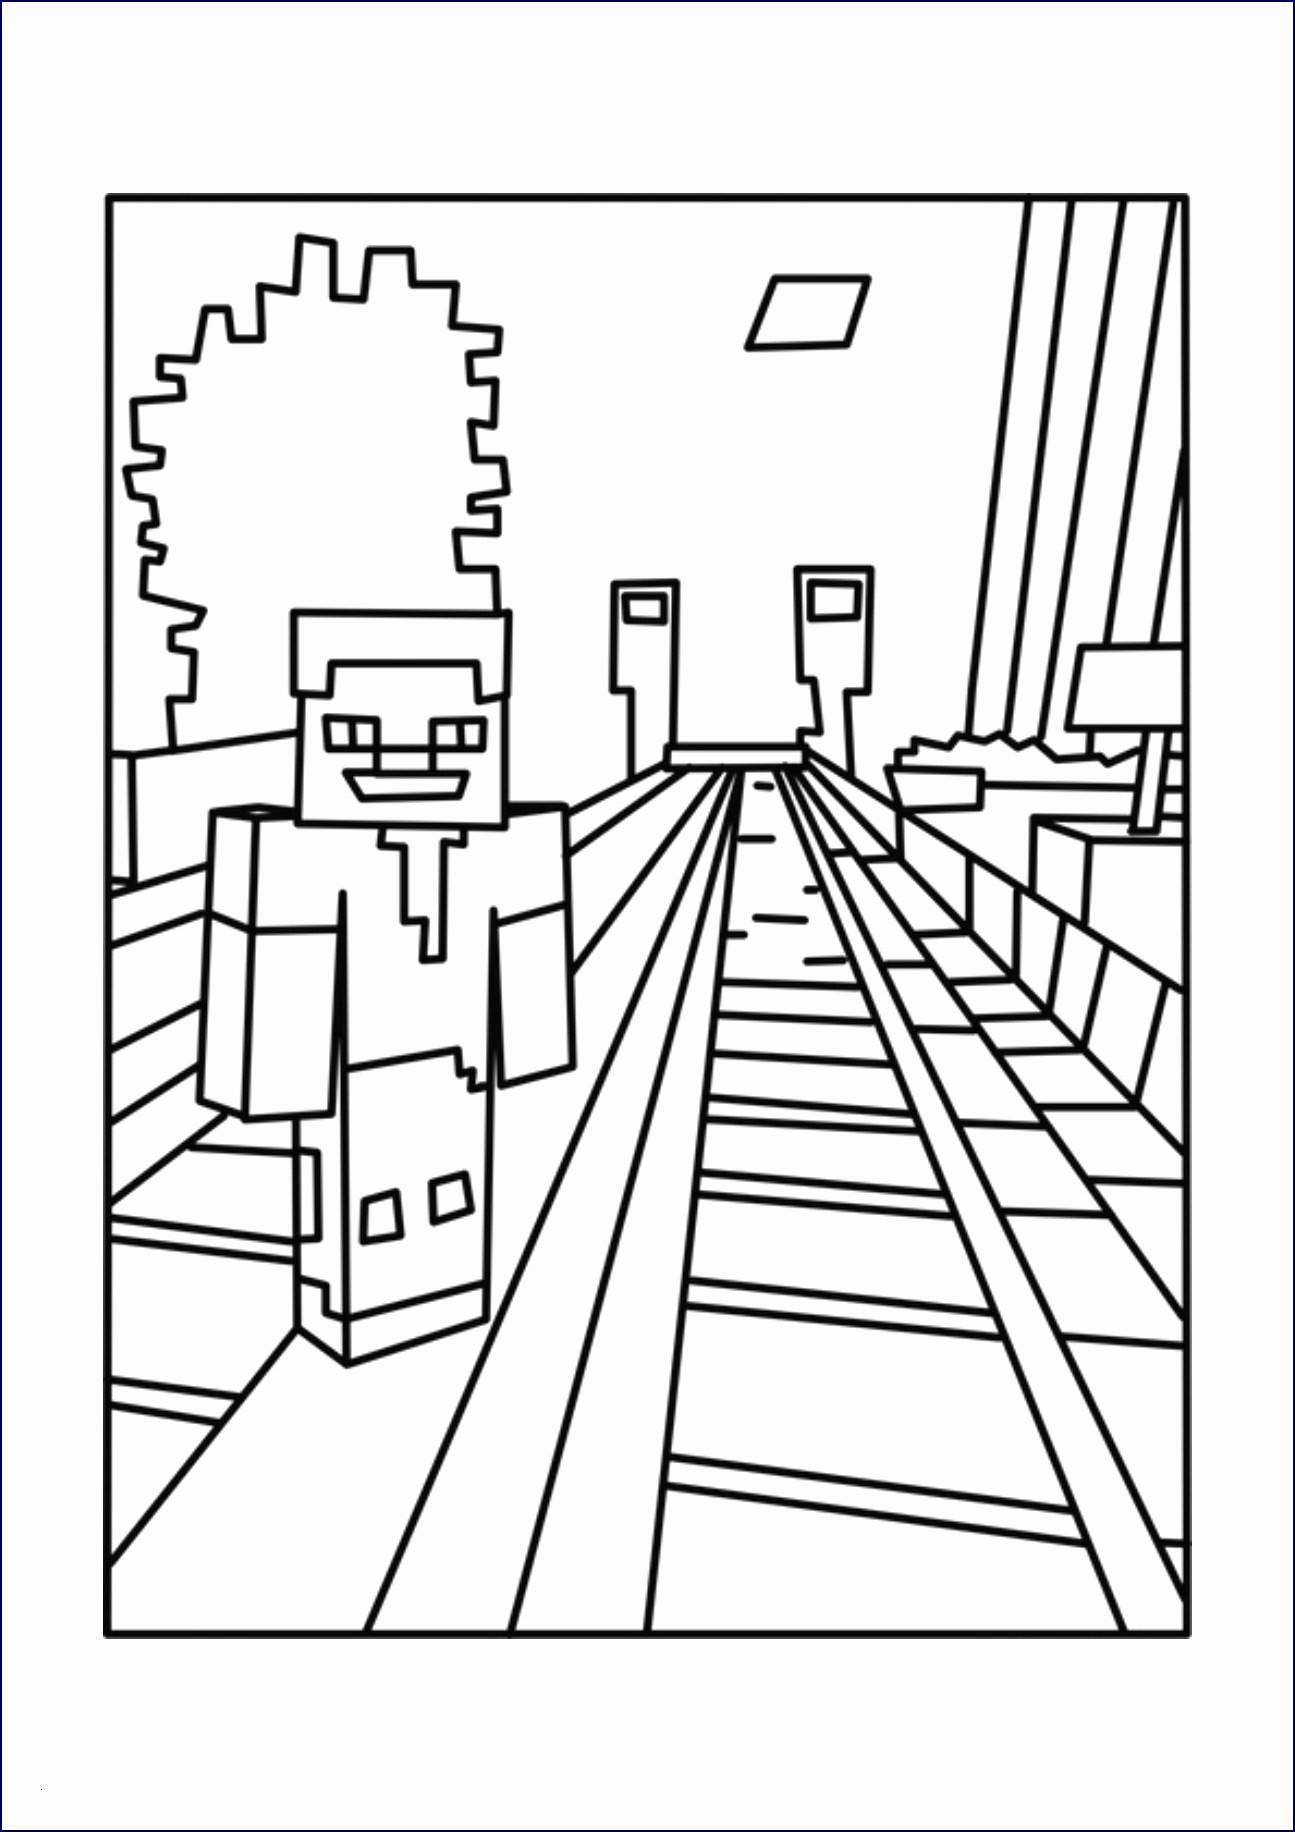 Minecraft Bilder Zum Ausmalen Frisch Minecraft Ausmalbilder Zum Ausdrucken Fotos Minecraft Ausmalbilder Galerie